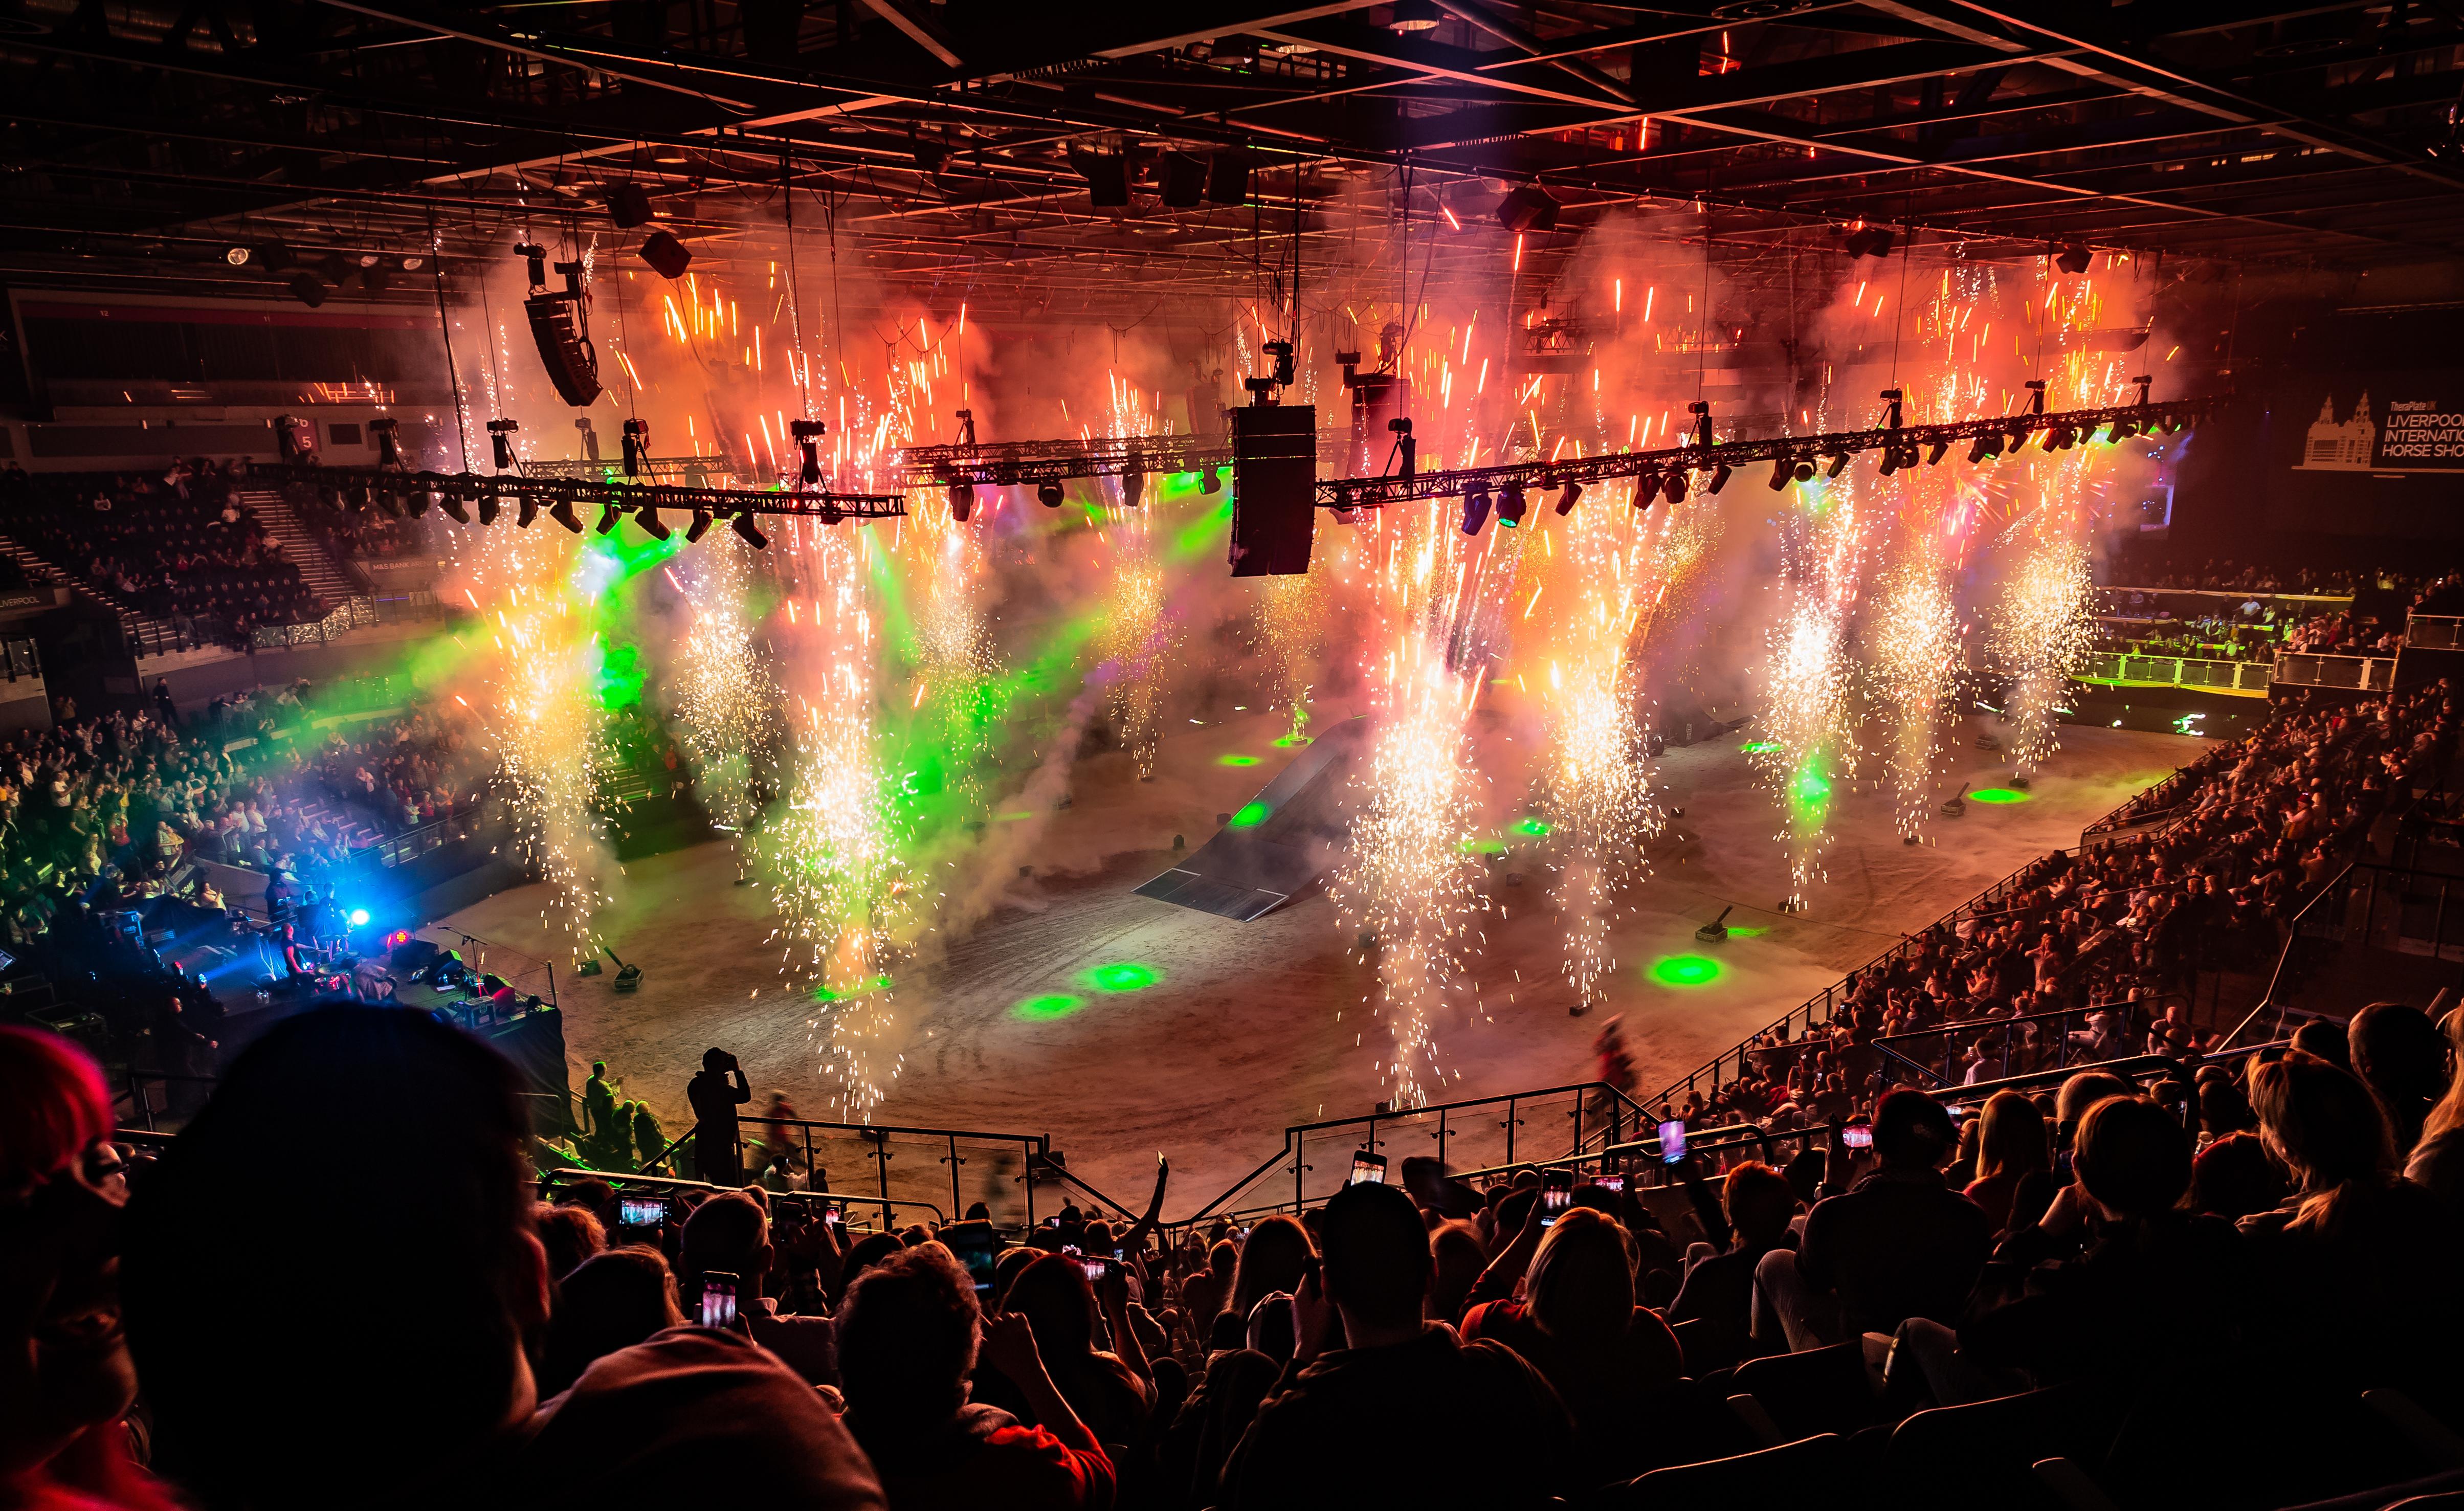 Fireworks arena shot